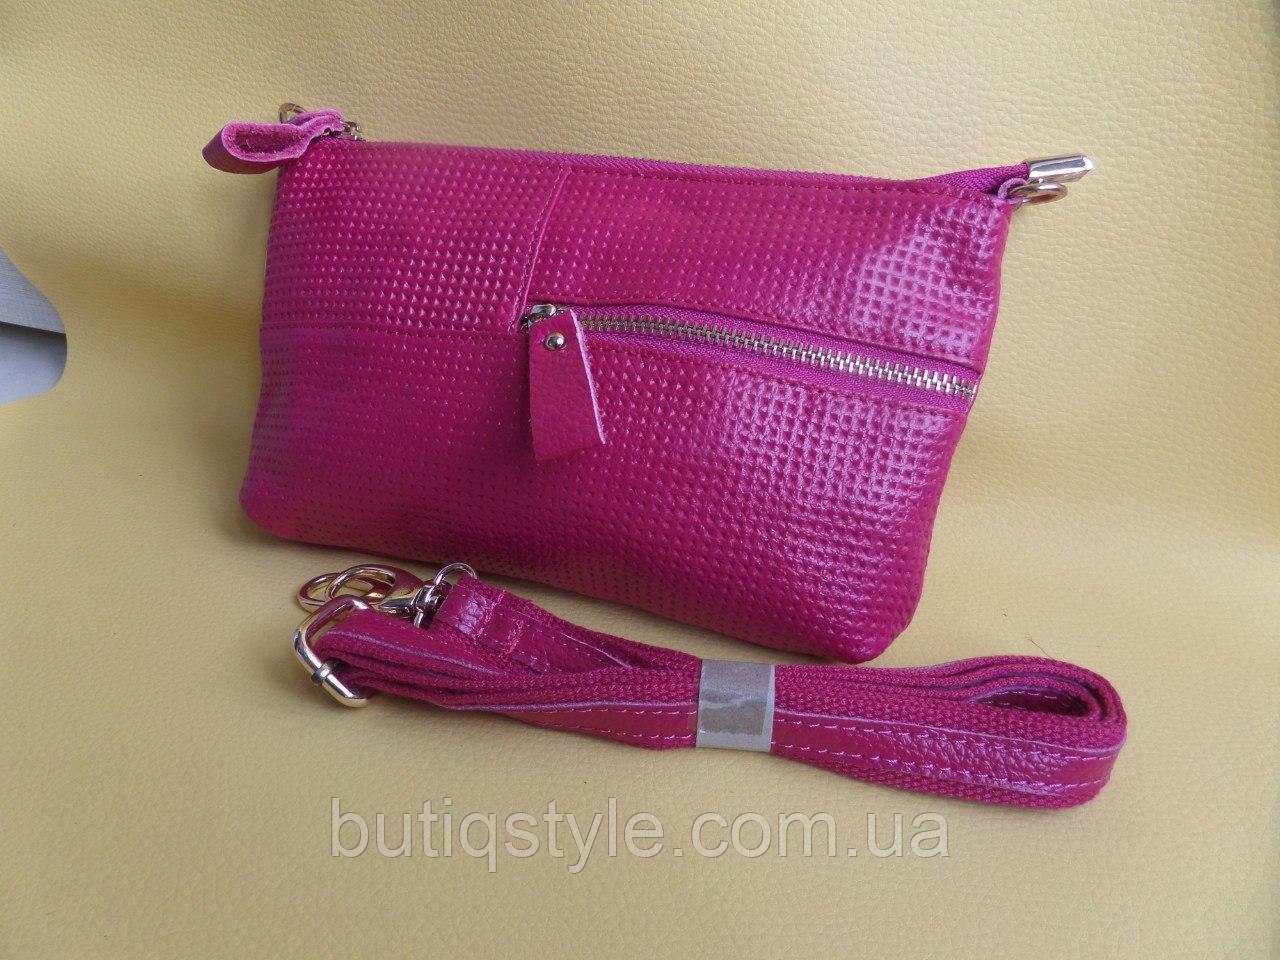 4e14e95179c0 Женская сумочка клатч через плечо малиновая -